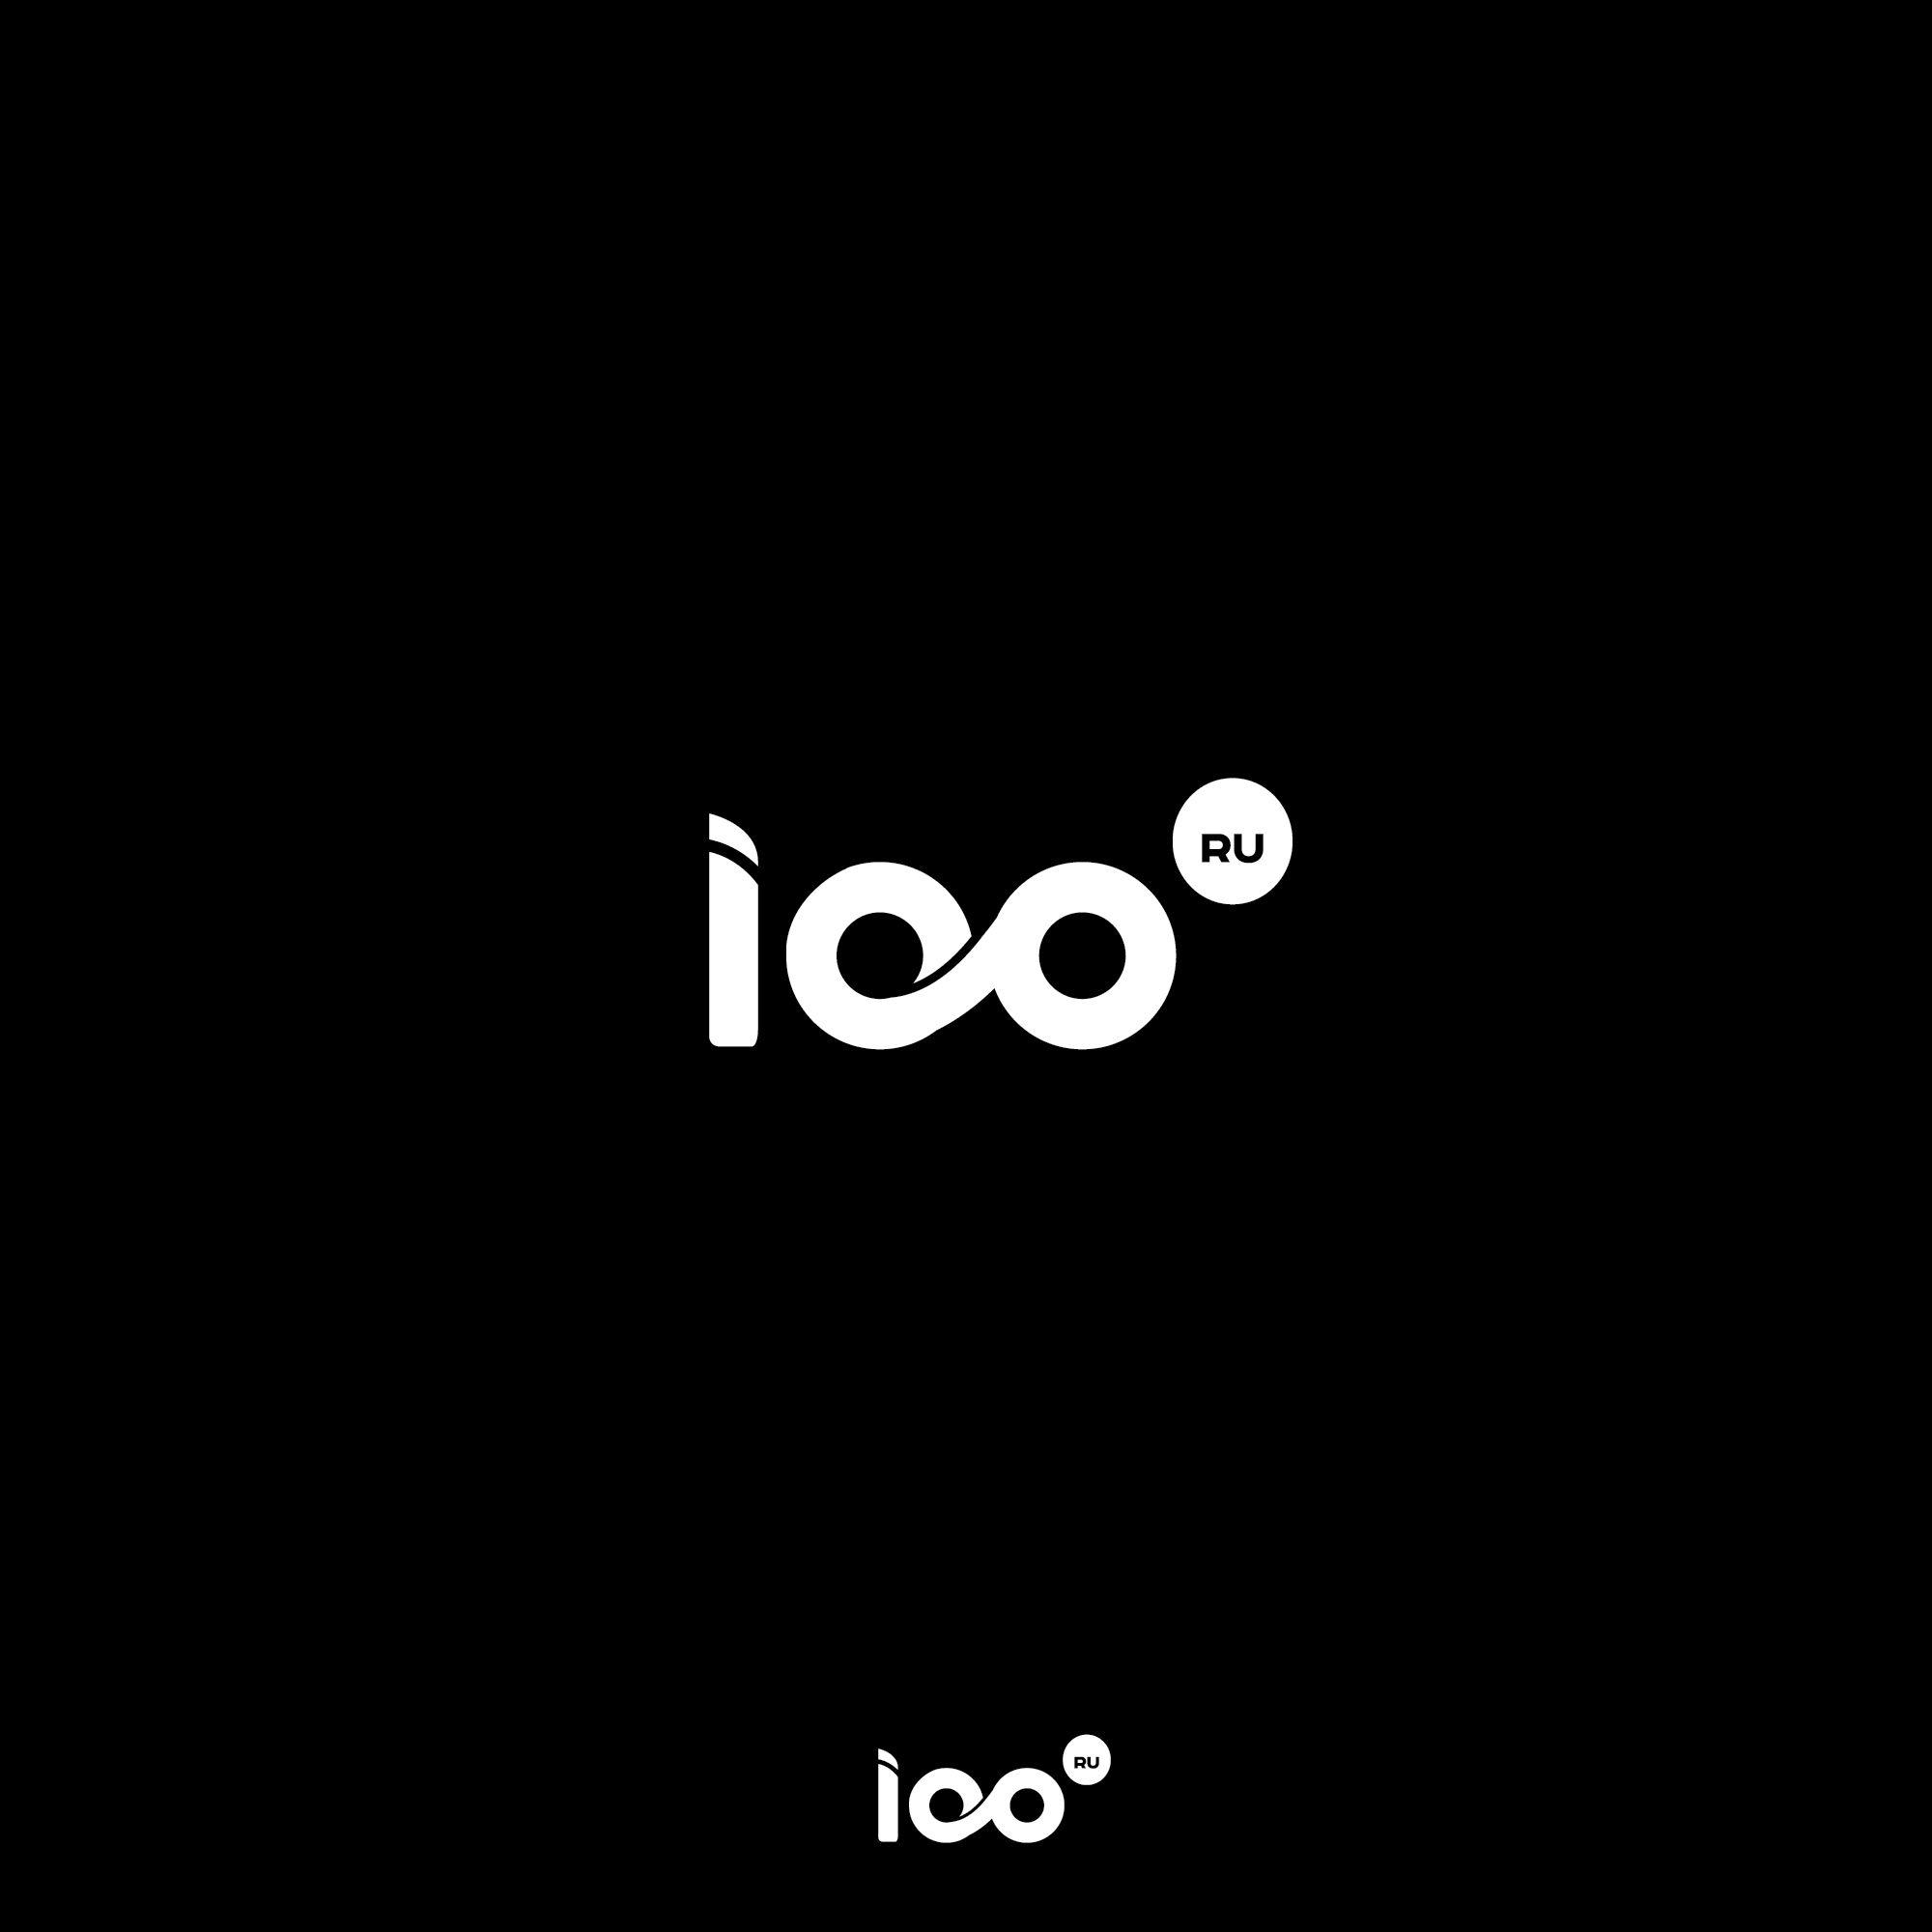 Логотип для Логотип для ioo.ru (мебель, товары для дома) - дизайнер SmolinDenis